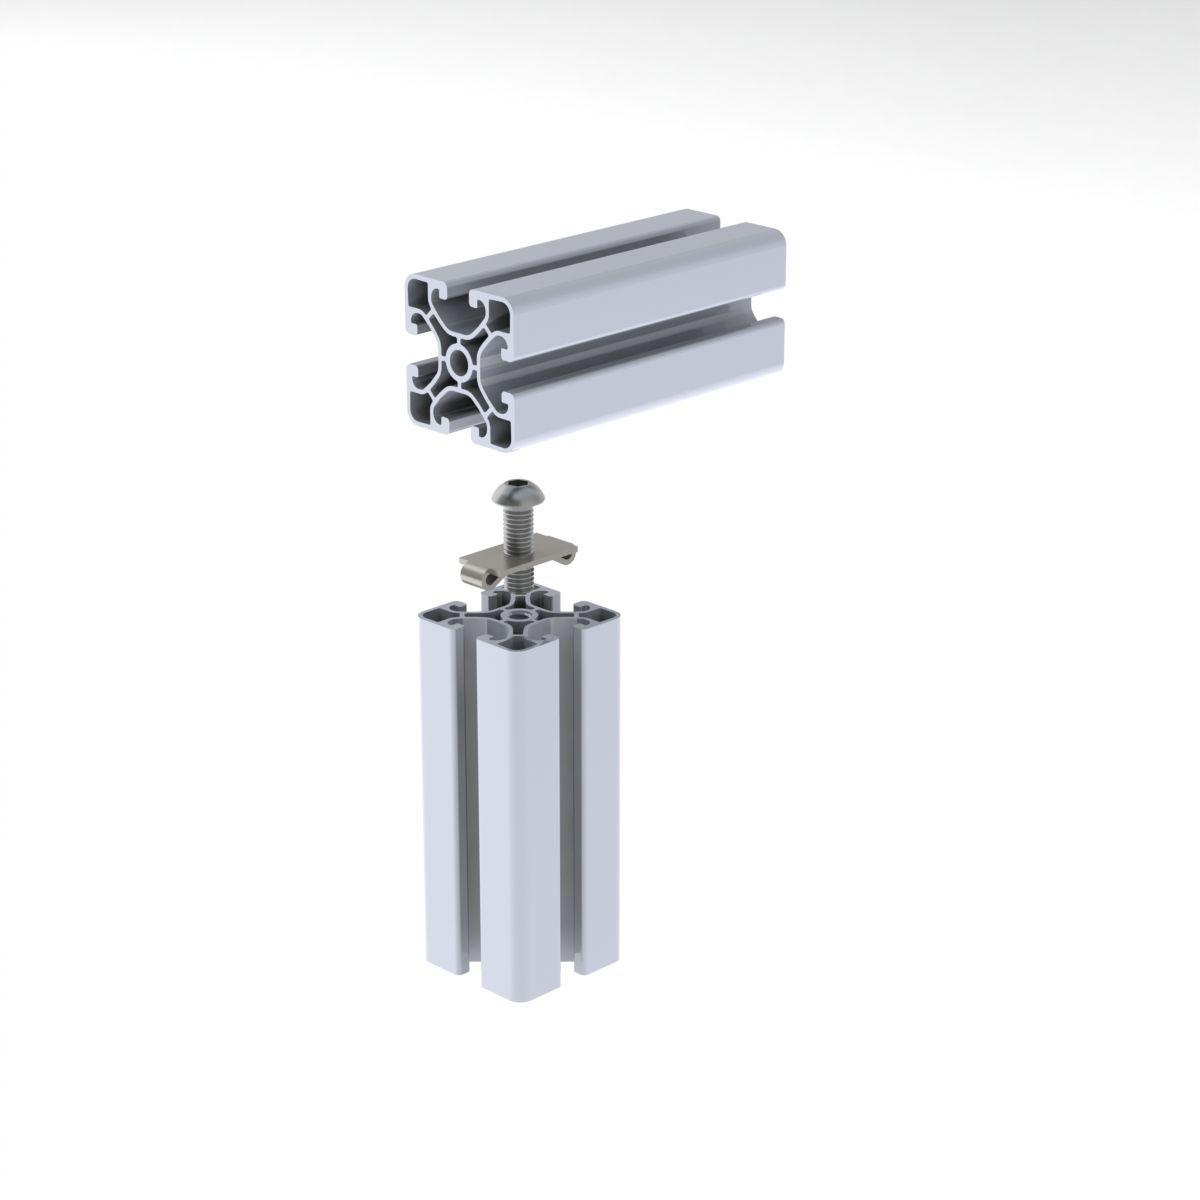 zlacze srubowe do profilu aluminiowego